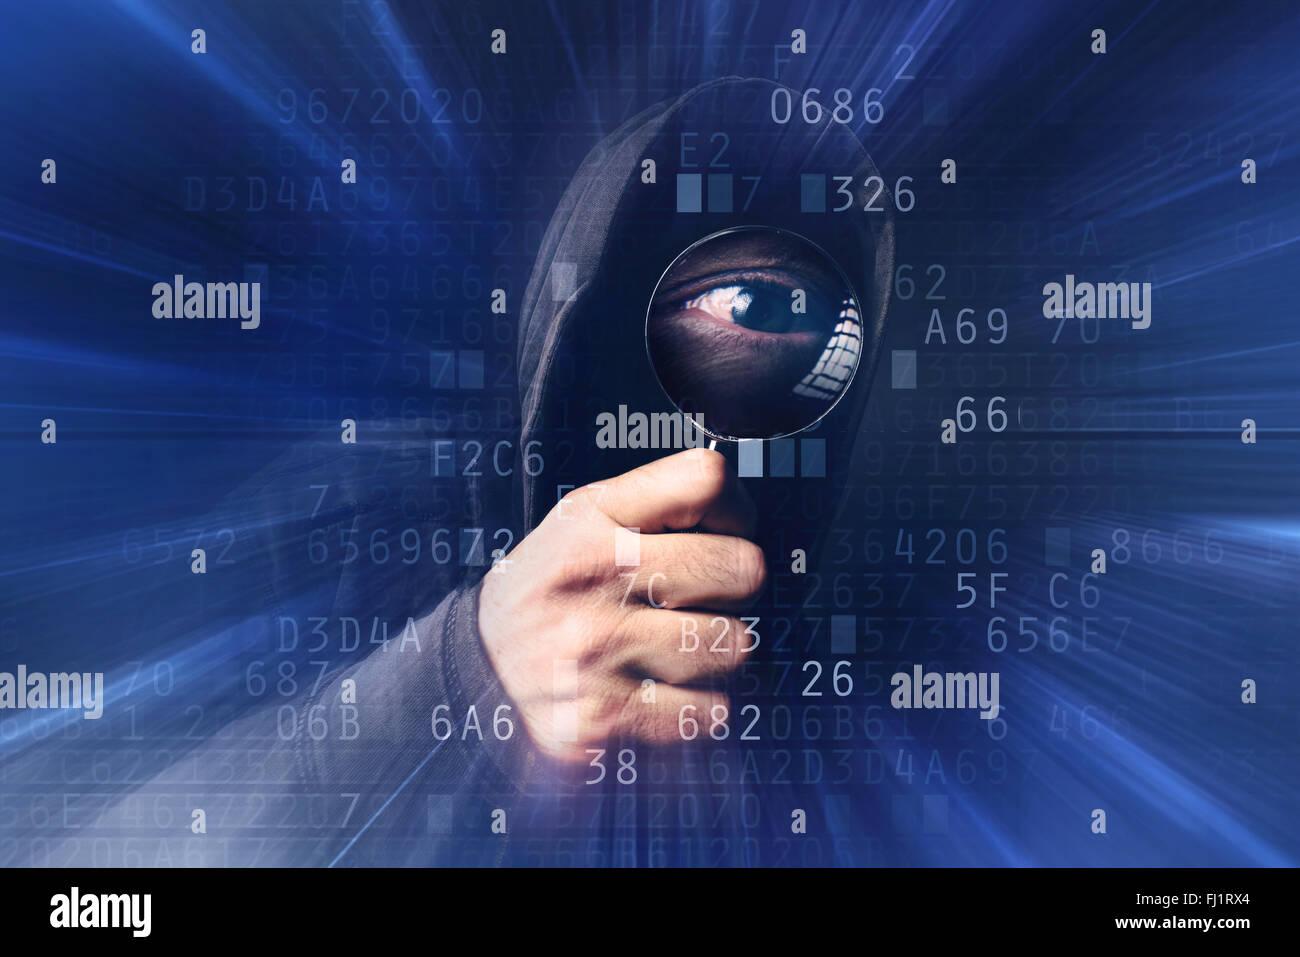 Spyware-Virus-Software, mit Kapuze Bizzare Spuk Hacker mit Lupe Computer Hexadezimal-Code zu analysieren, Online Stockbild